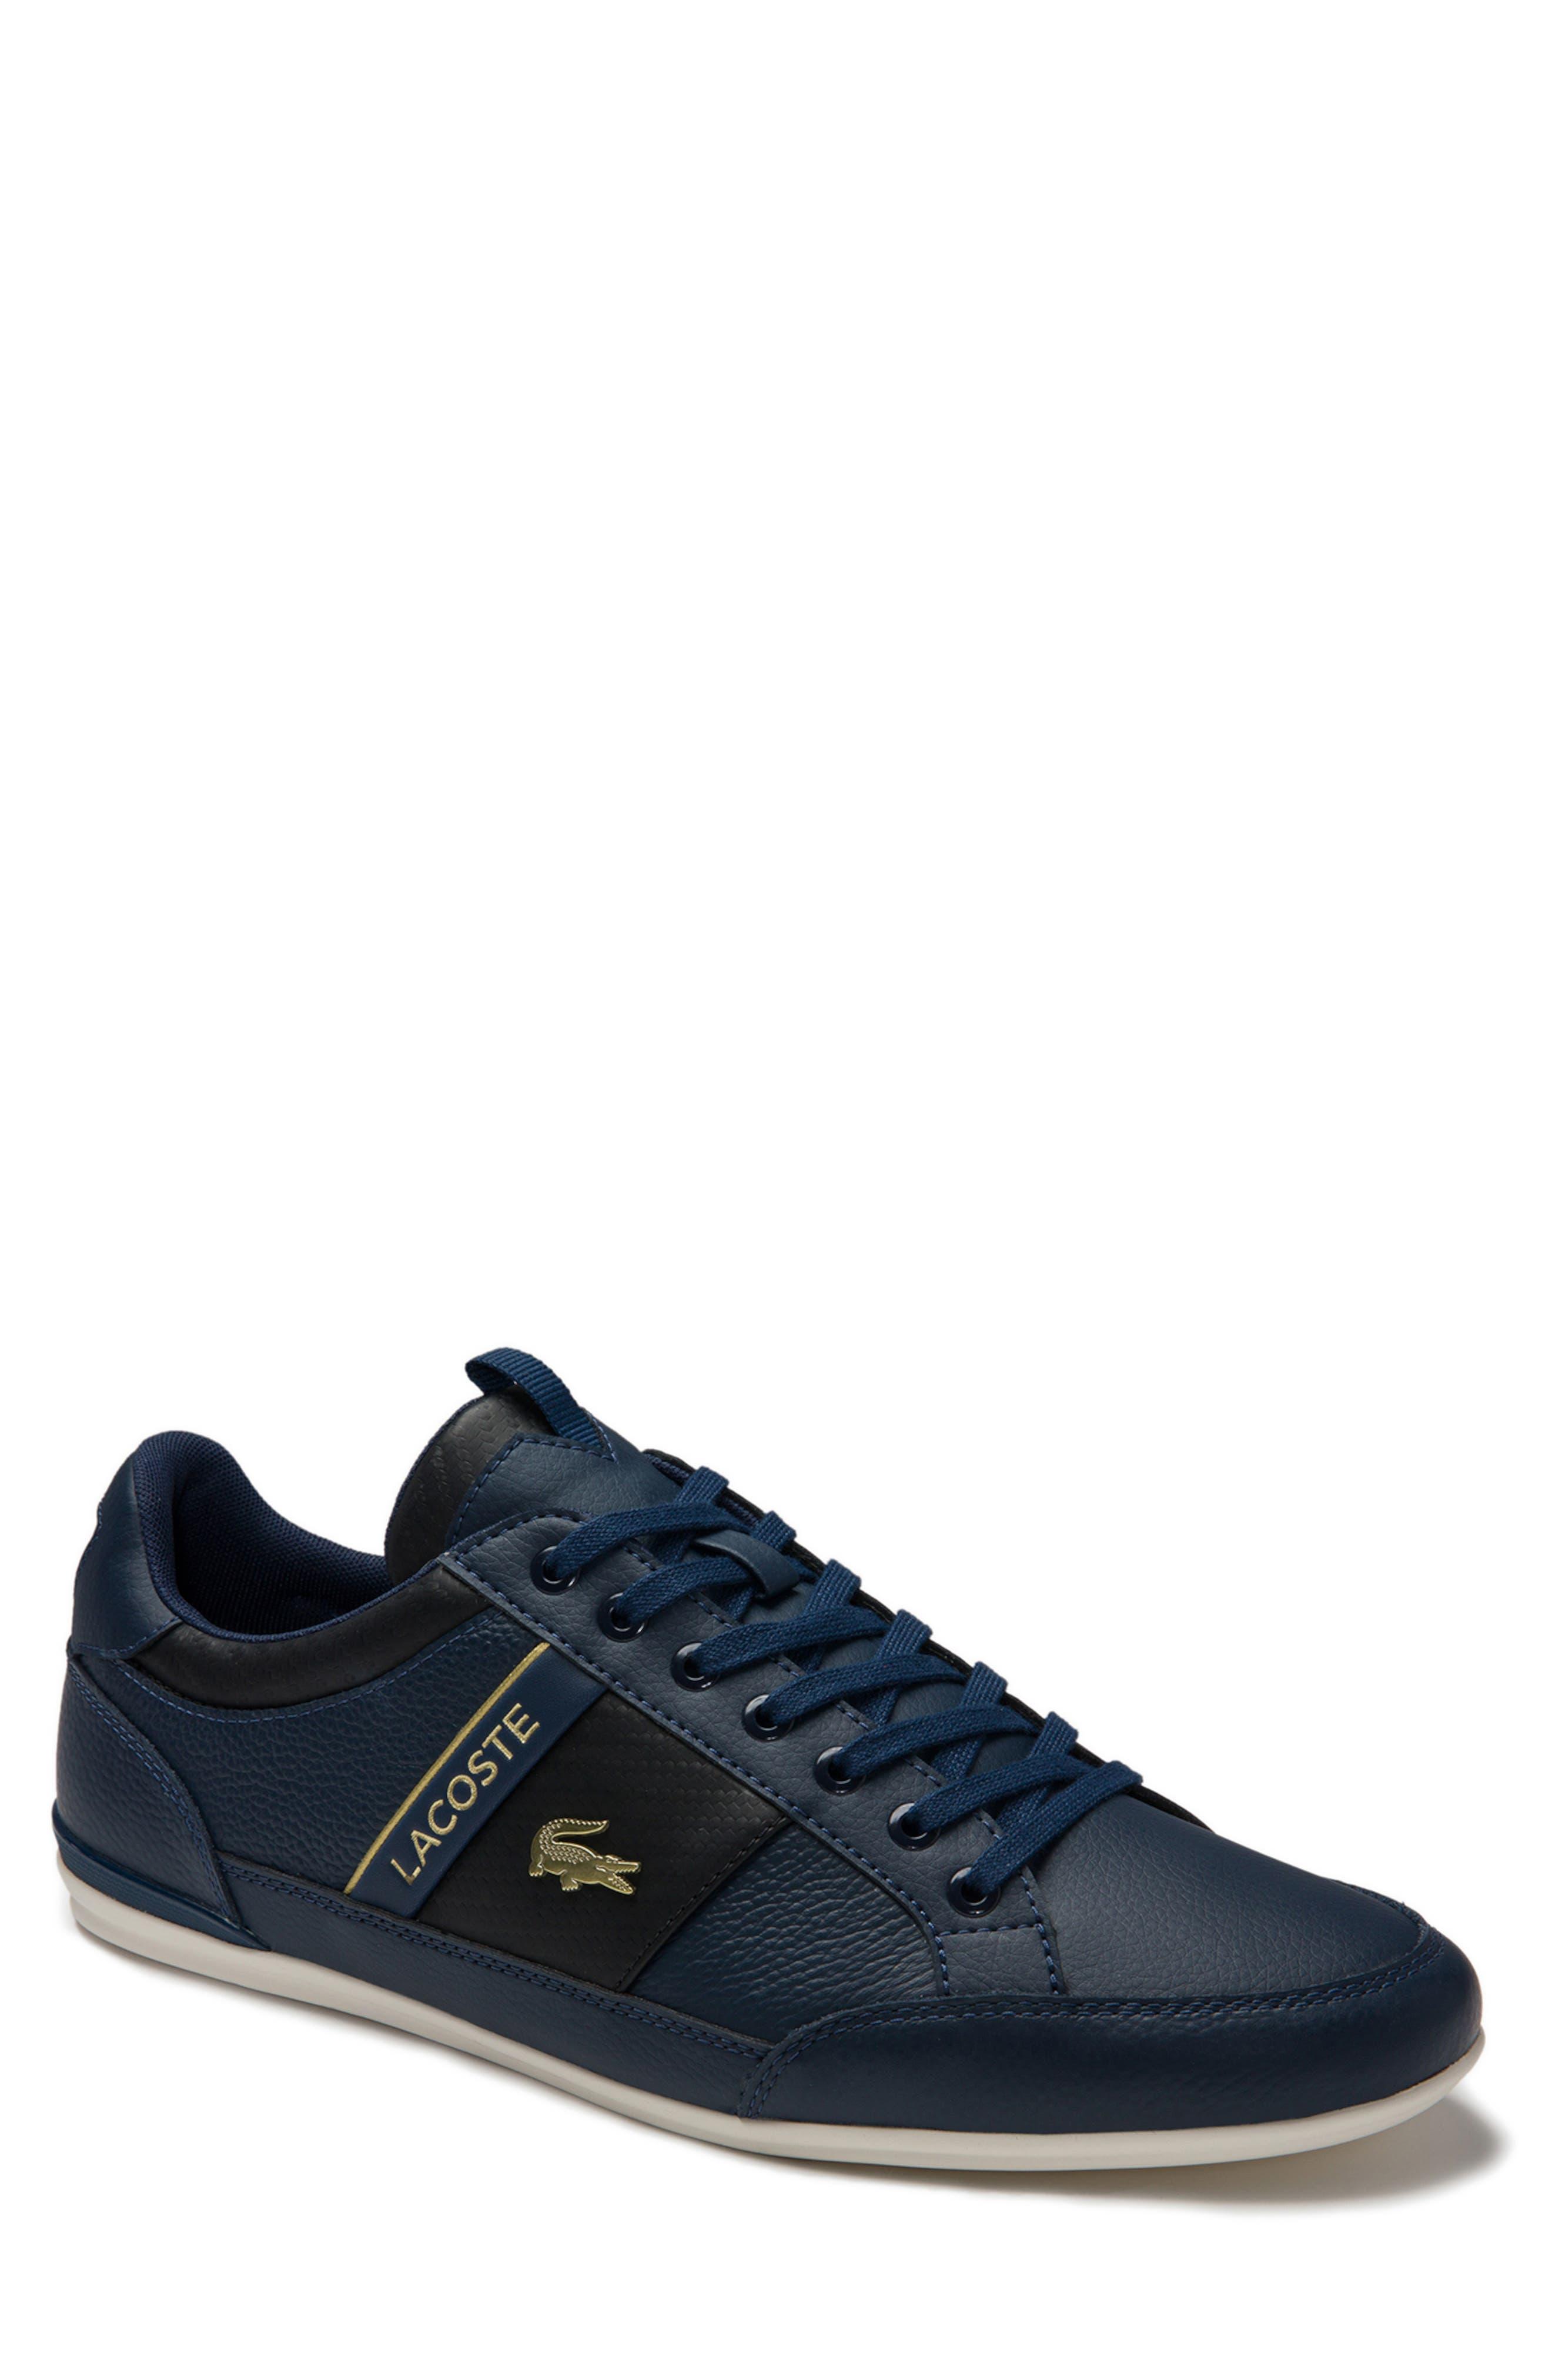 Image of Lacoste Chaymon 1 Sneaker